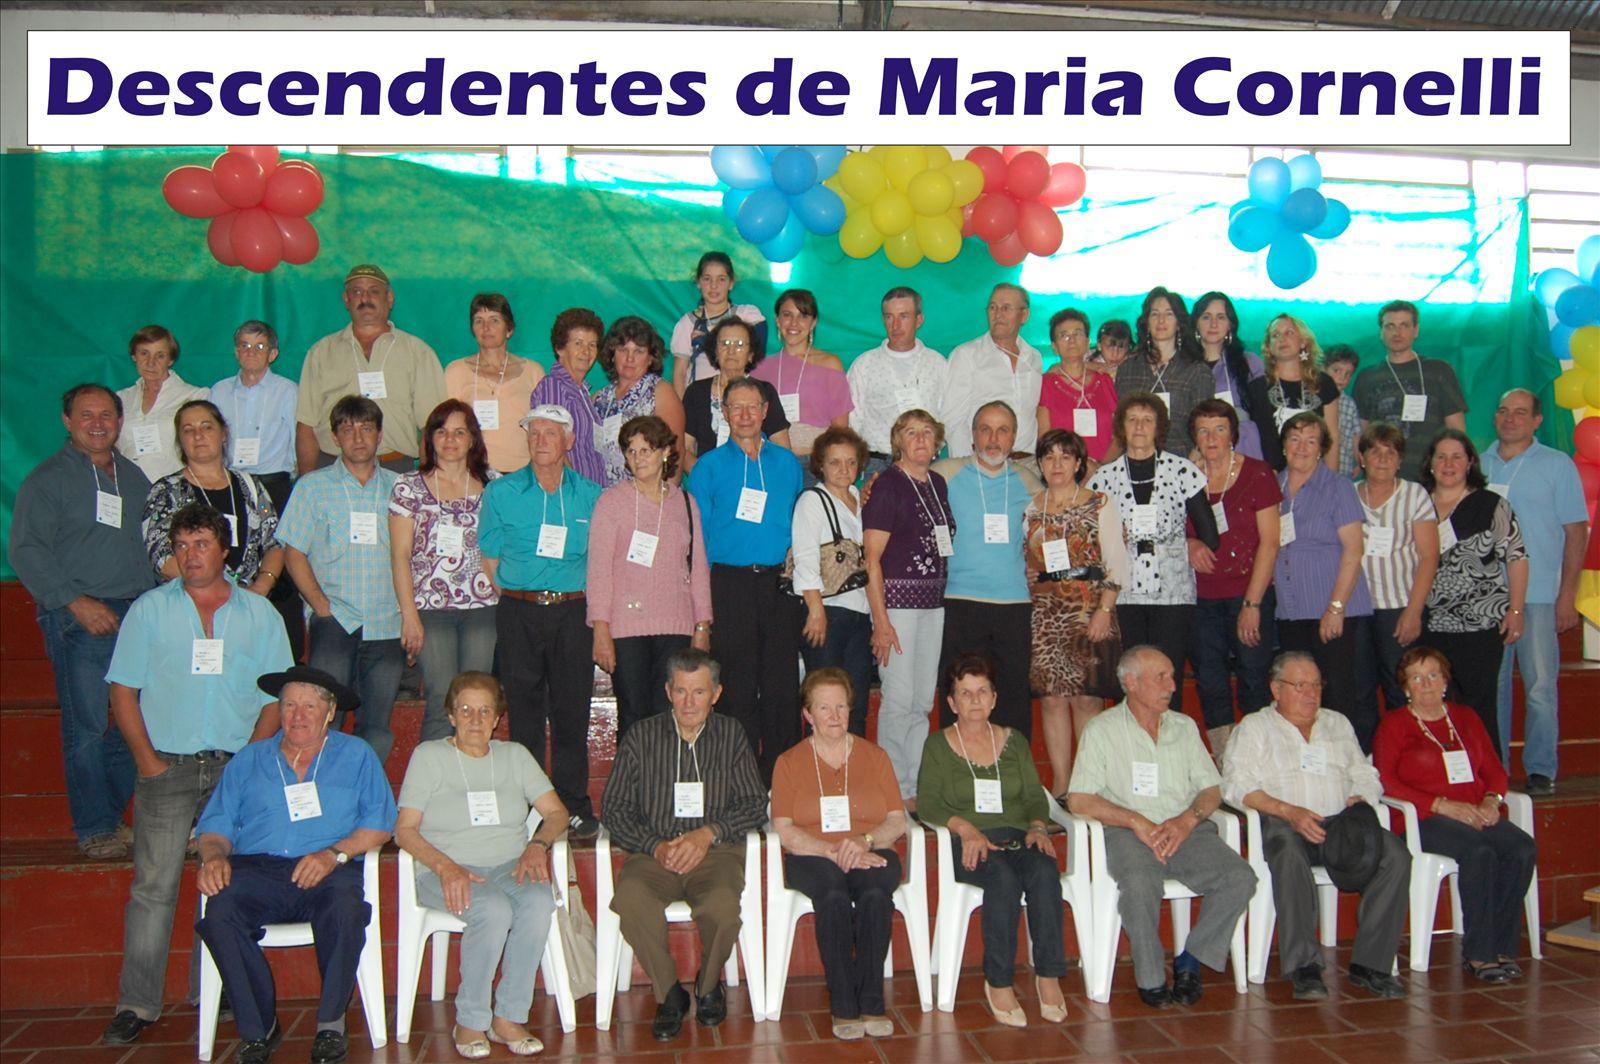 Descendentes de Maria Cornelli 01_0